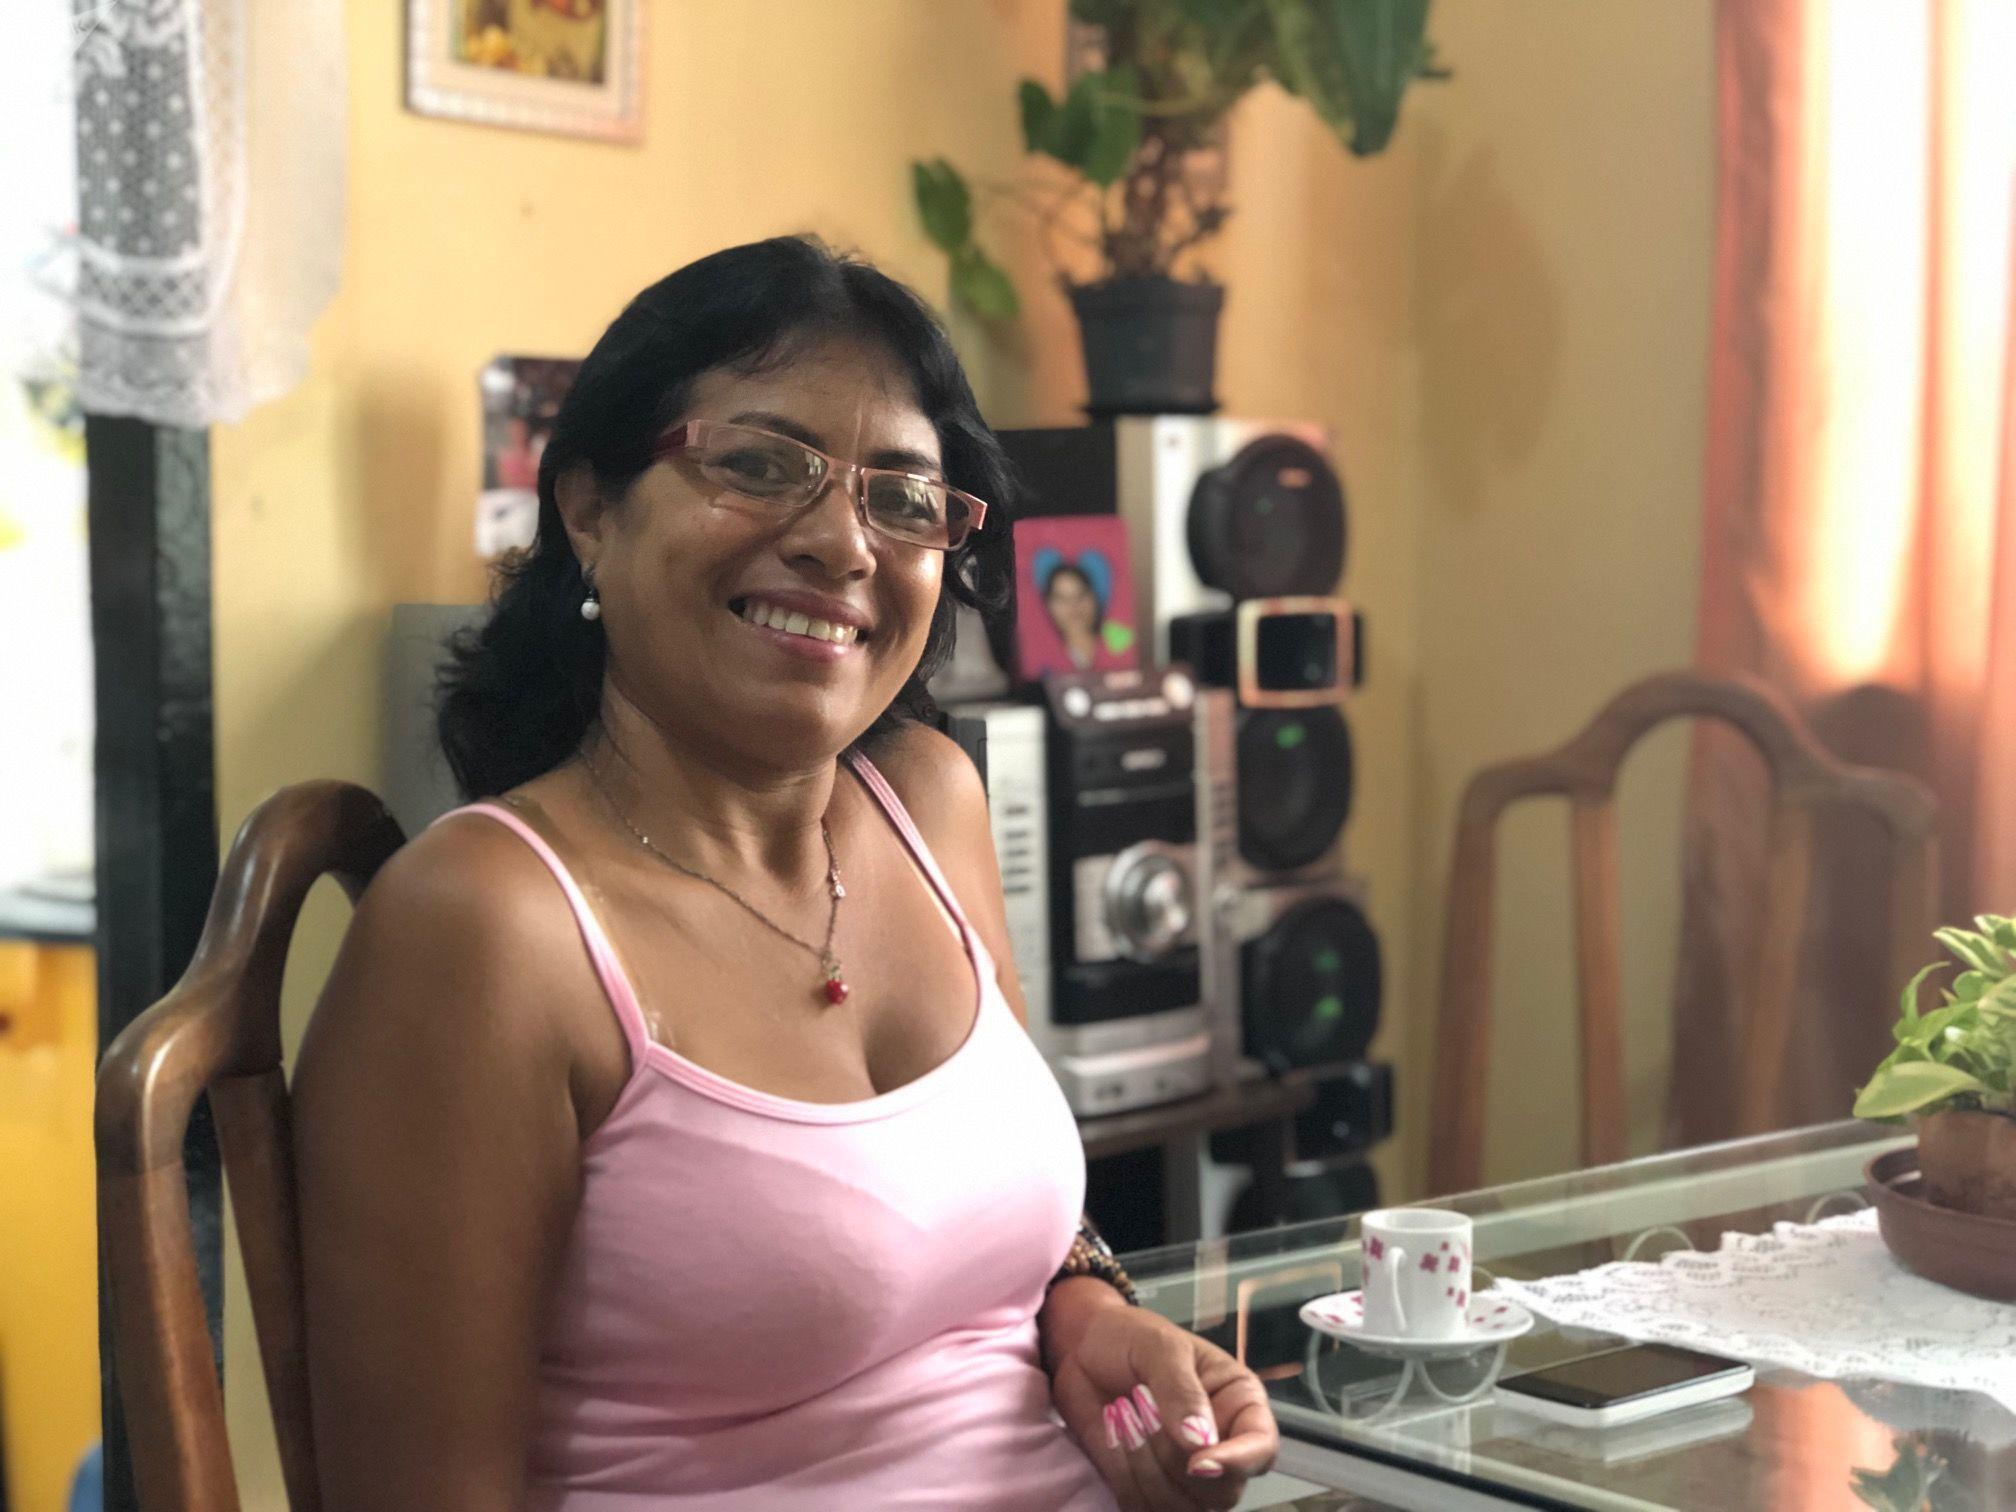 Belkys tiene 50 años y no pierde la sonrisa a pesar de la situación económica que atraviesa Venezuela